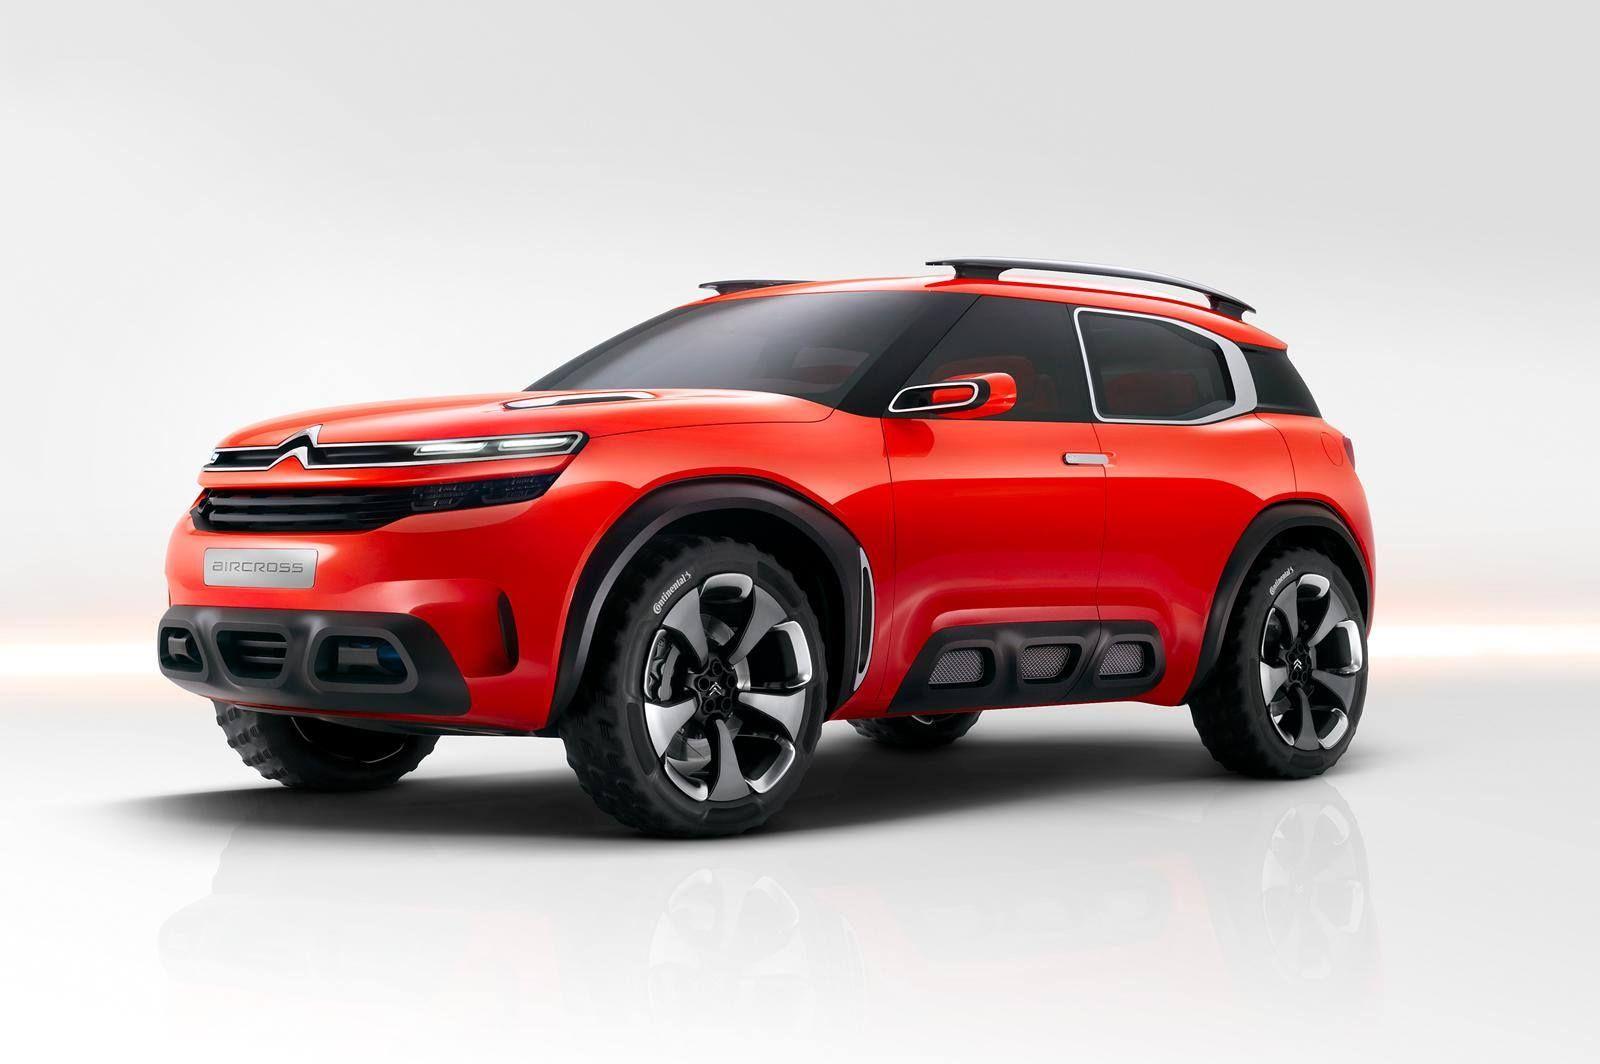 Citroen Aircross Concept Concept Cars Citroen Concept Compact Suv